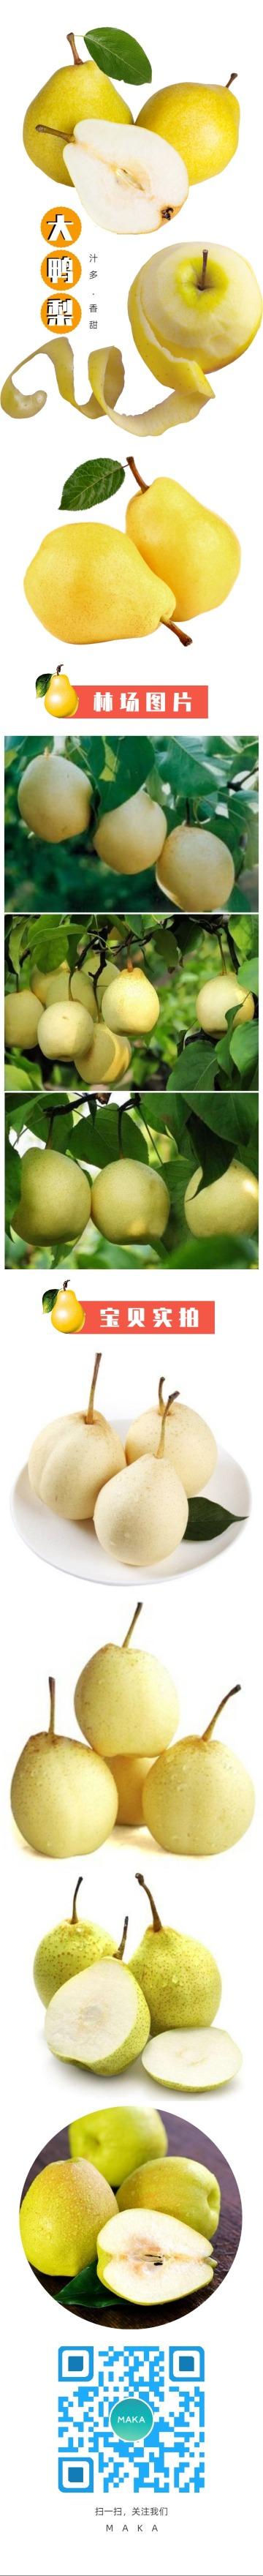 鸭梨水果扁平简约产品详情页海报模板